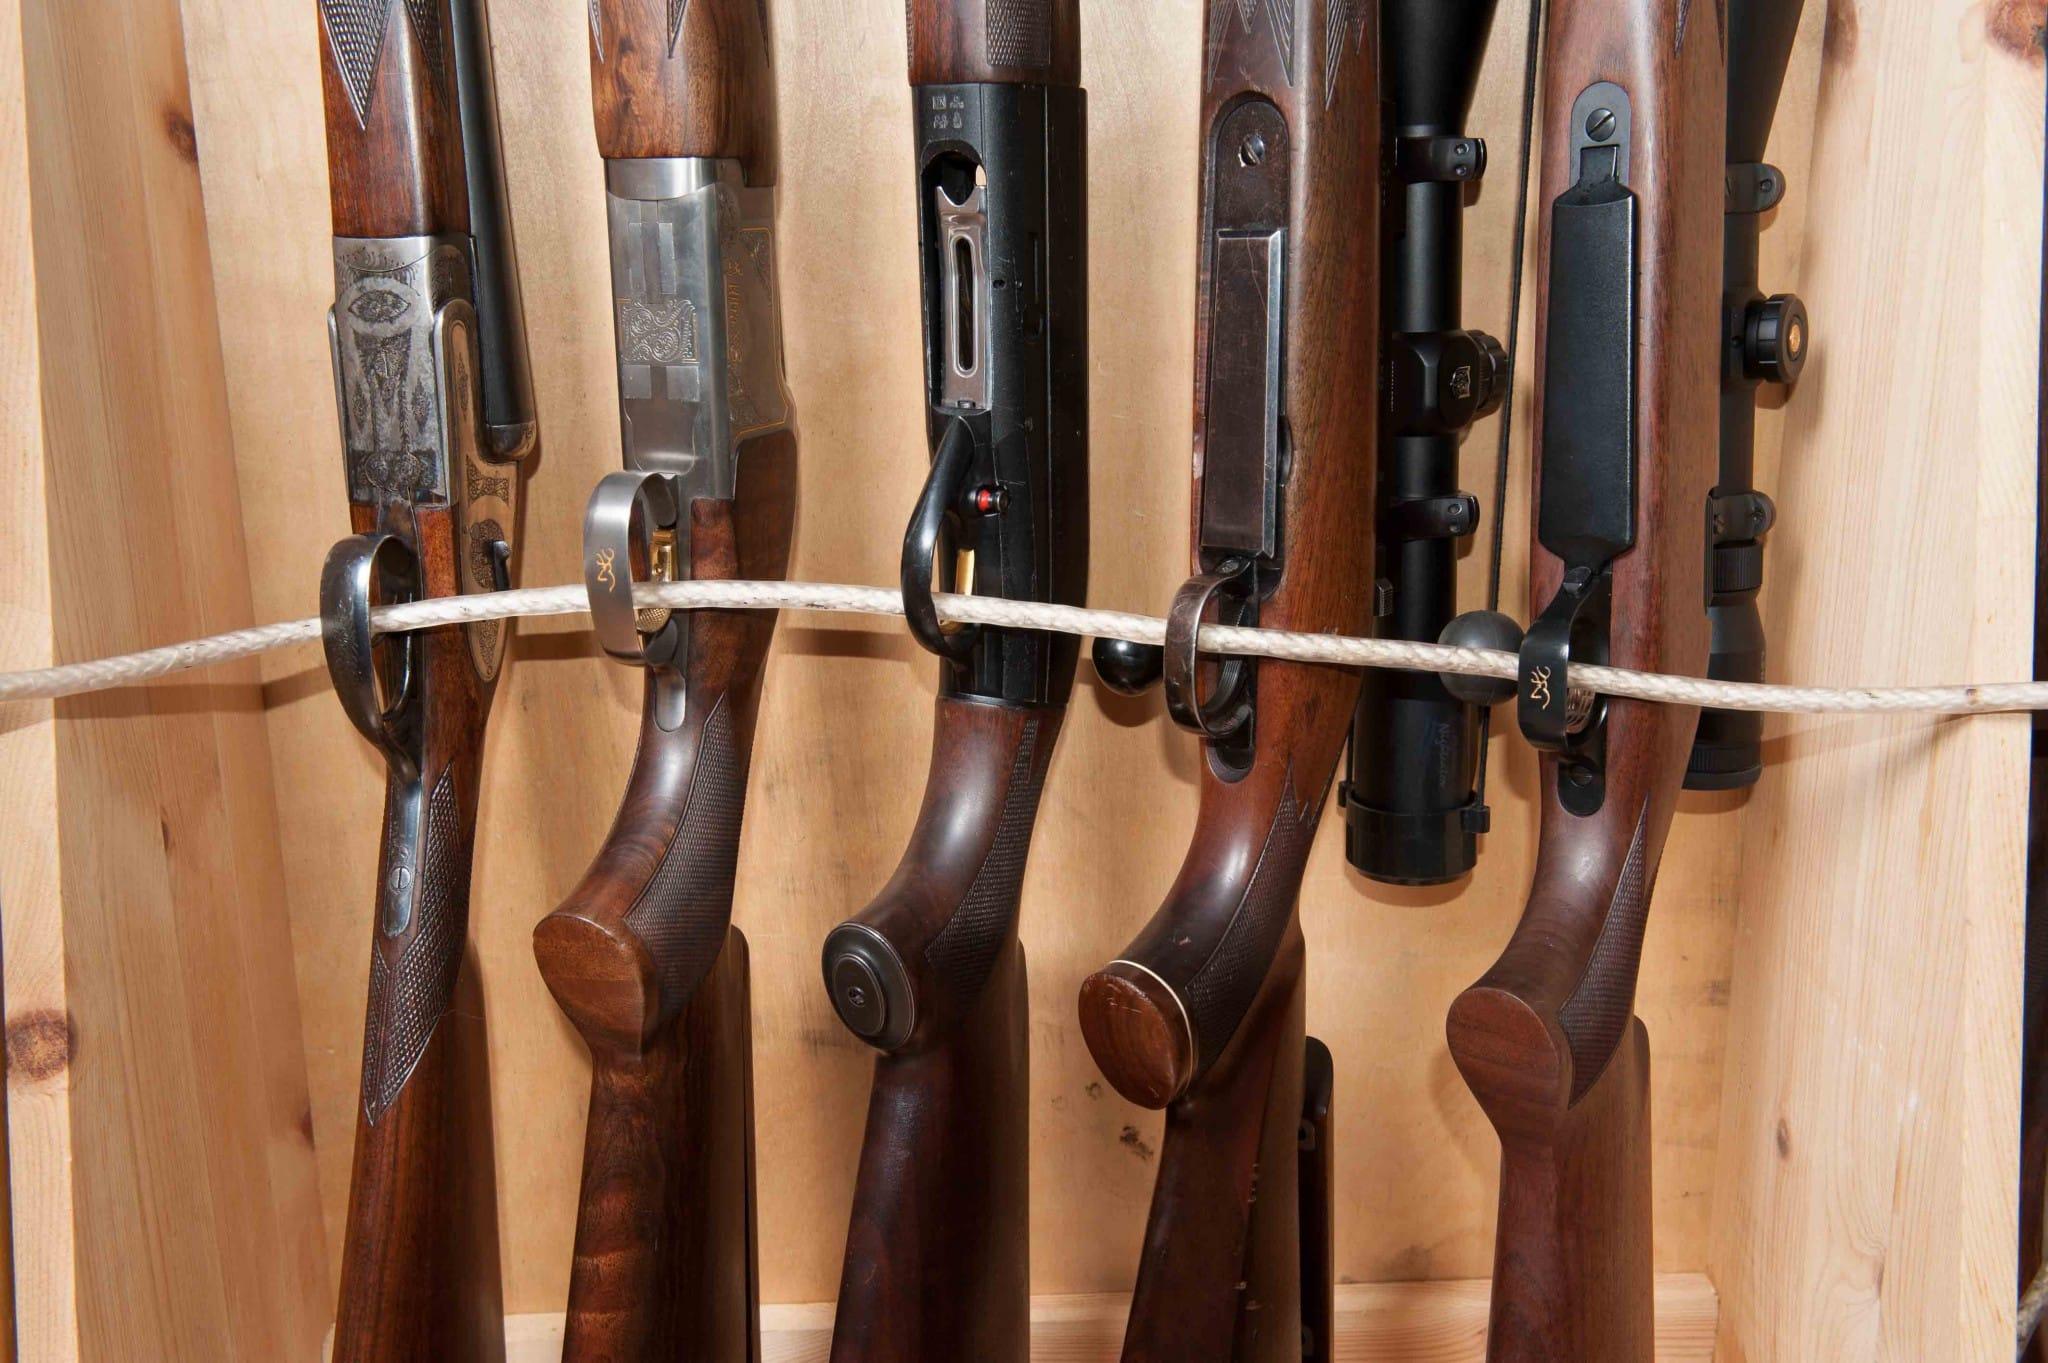 Efter upptäckten av en åtelkamera vill polisen dra in vapenlicenserna för en jägare. Foto: Mattias Lilja